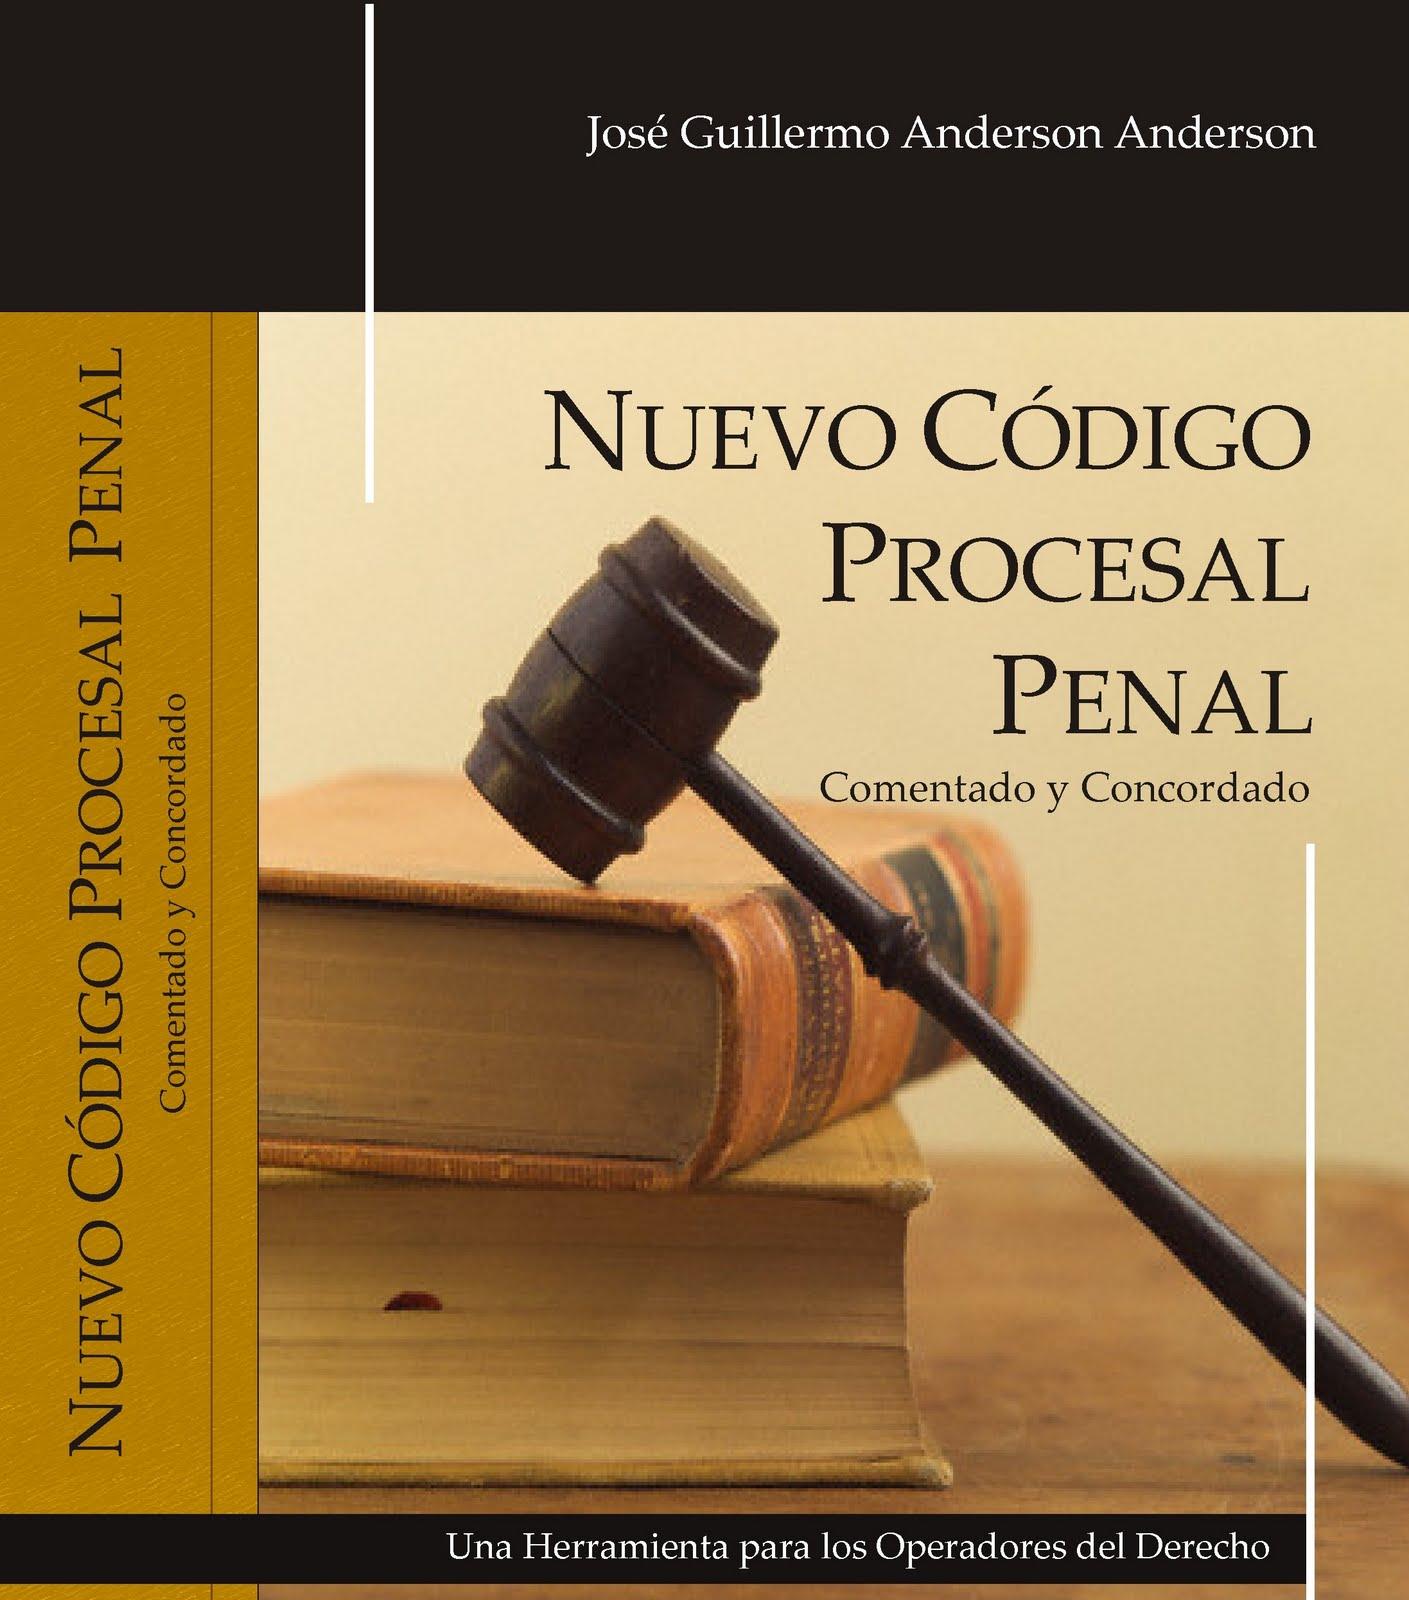 Nuevo c digo procesal penal una lectura f cil mayo 2011 for Porte y trafico de estupefacientes codigo penal